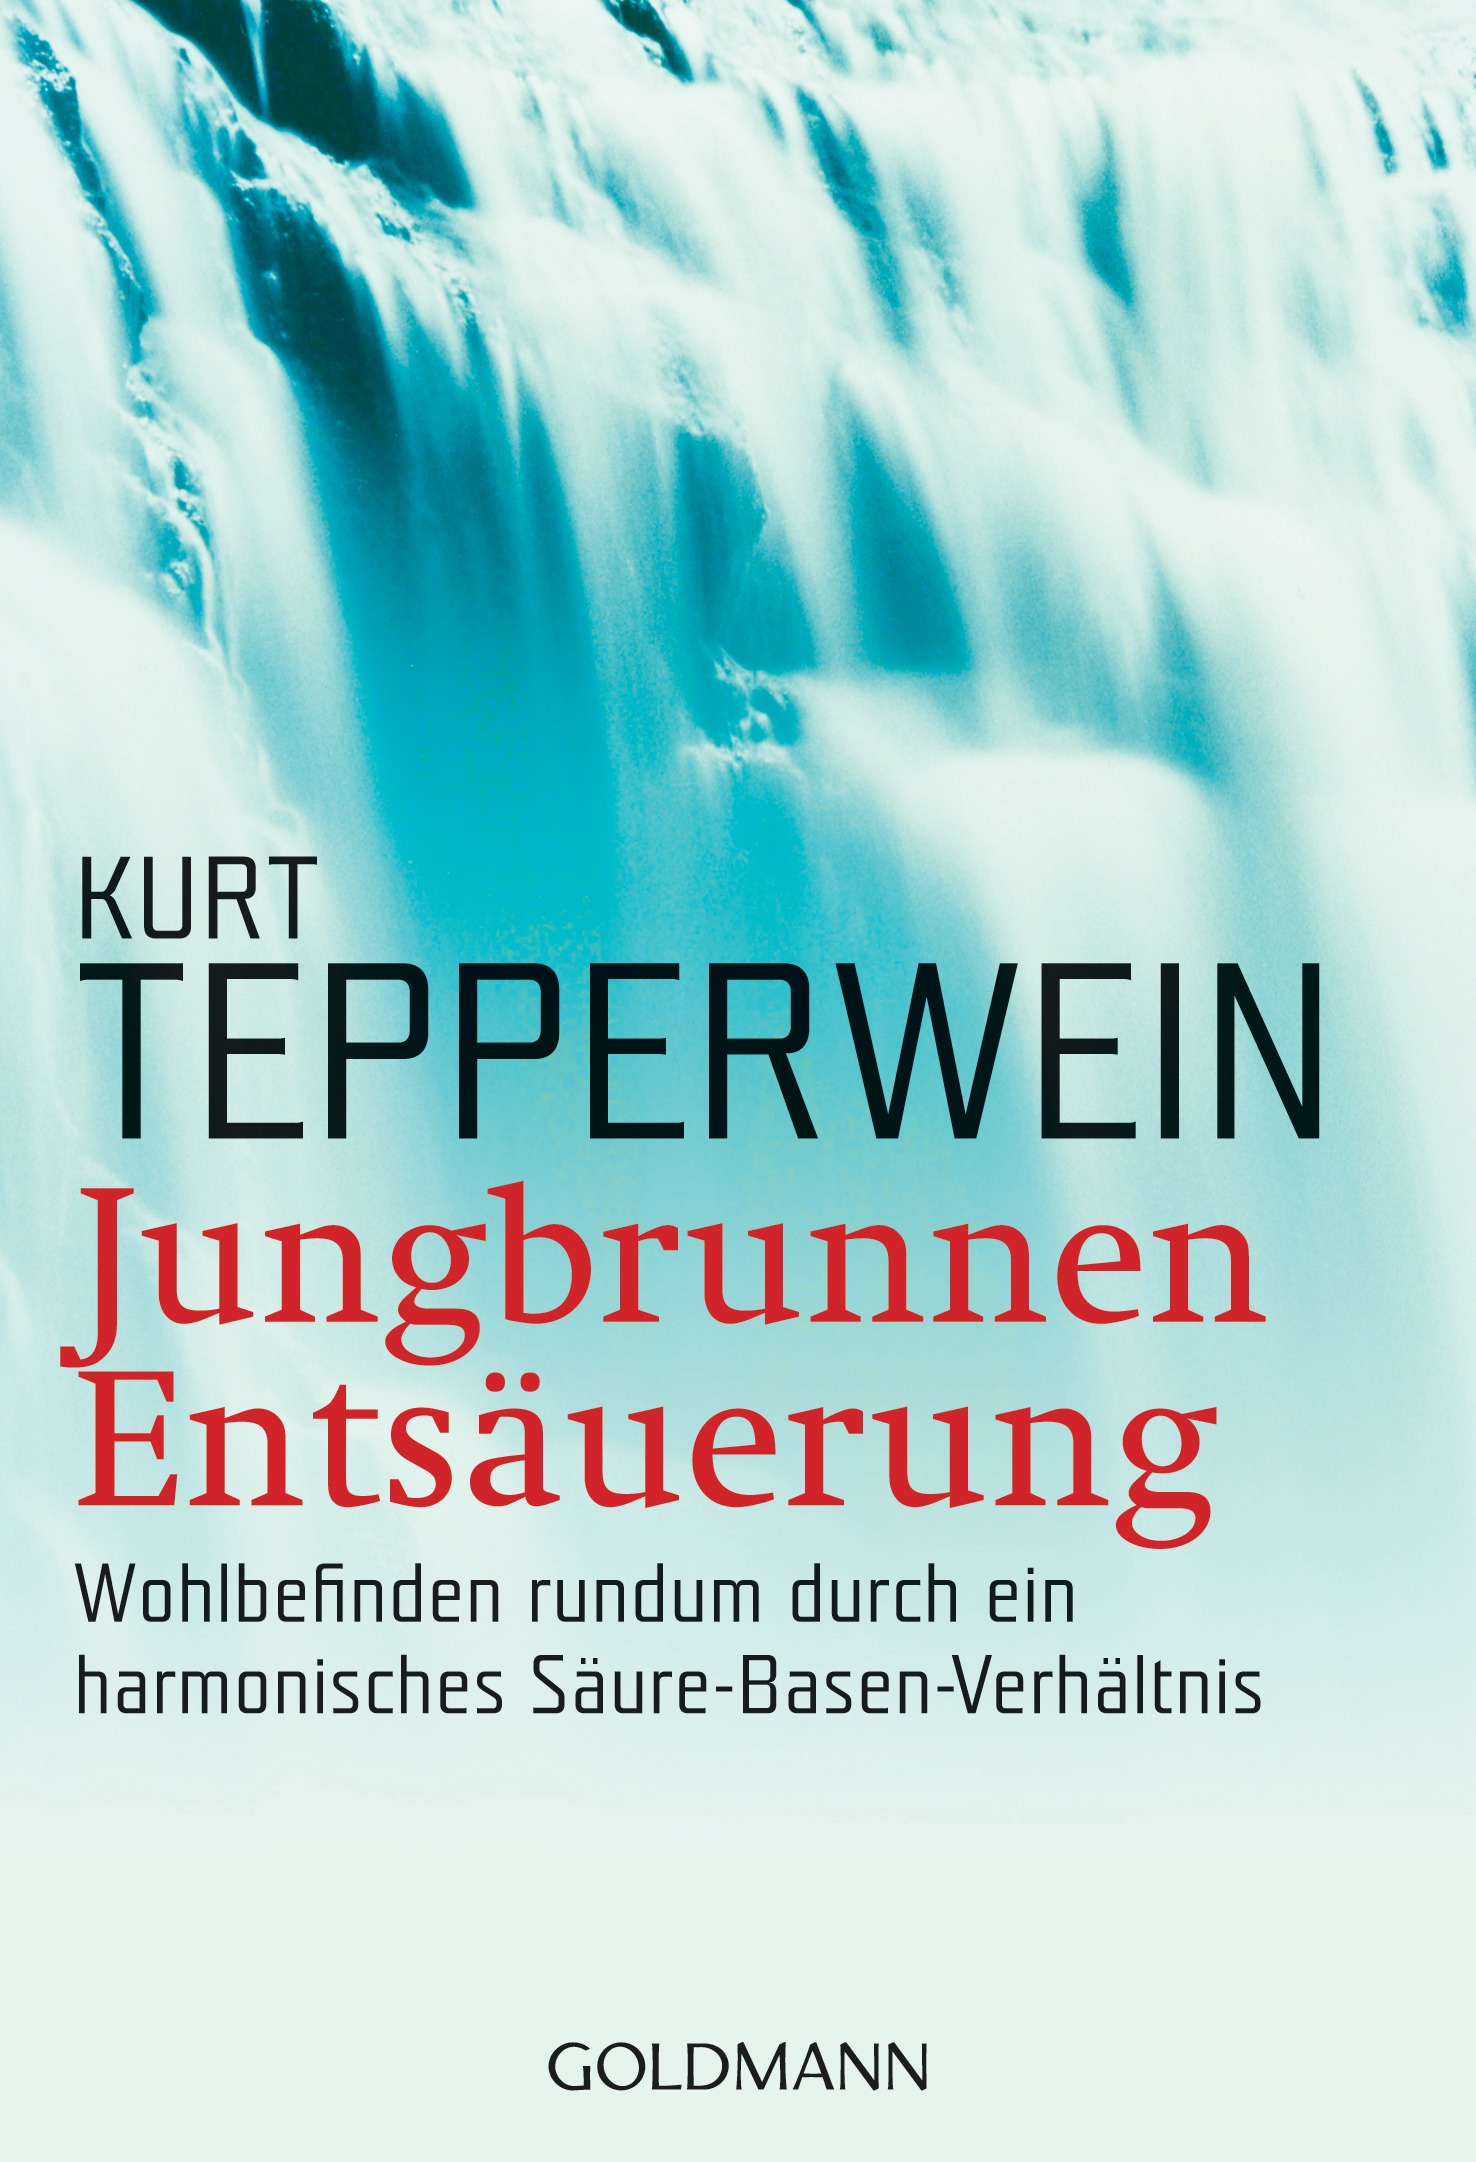 Jungbrunnen Entsäuerung: Wohlbefinden rundum durch ein harmonisches Säure-Basen-Verhältnis - Kurt Tepperwein